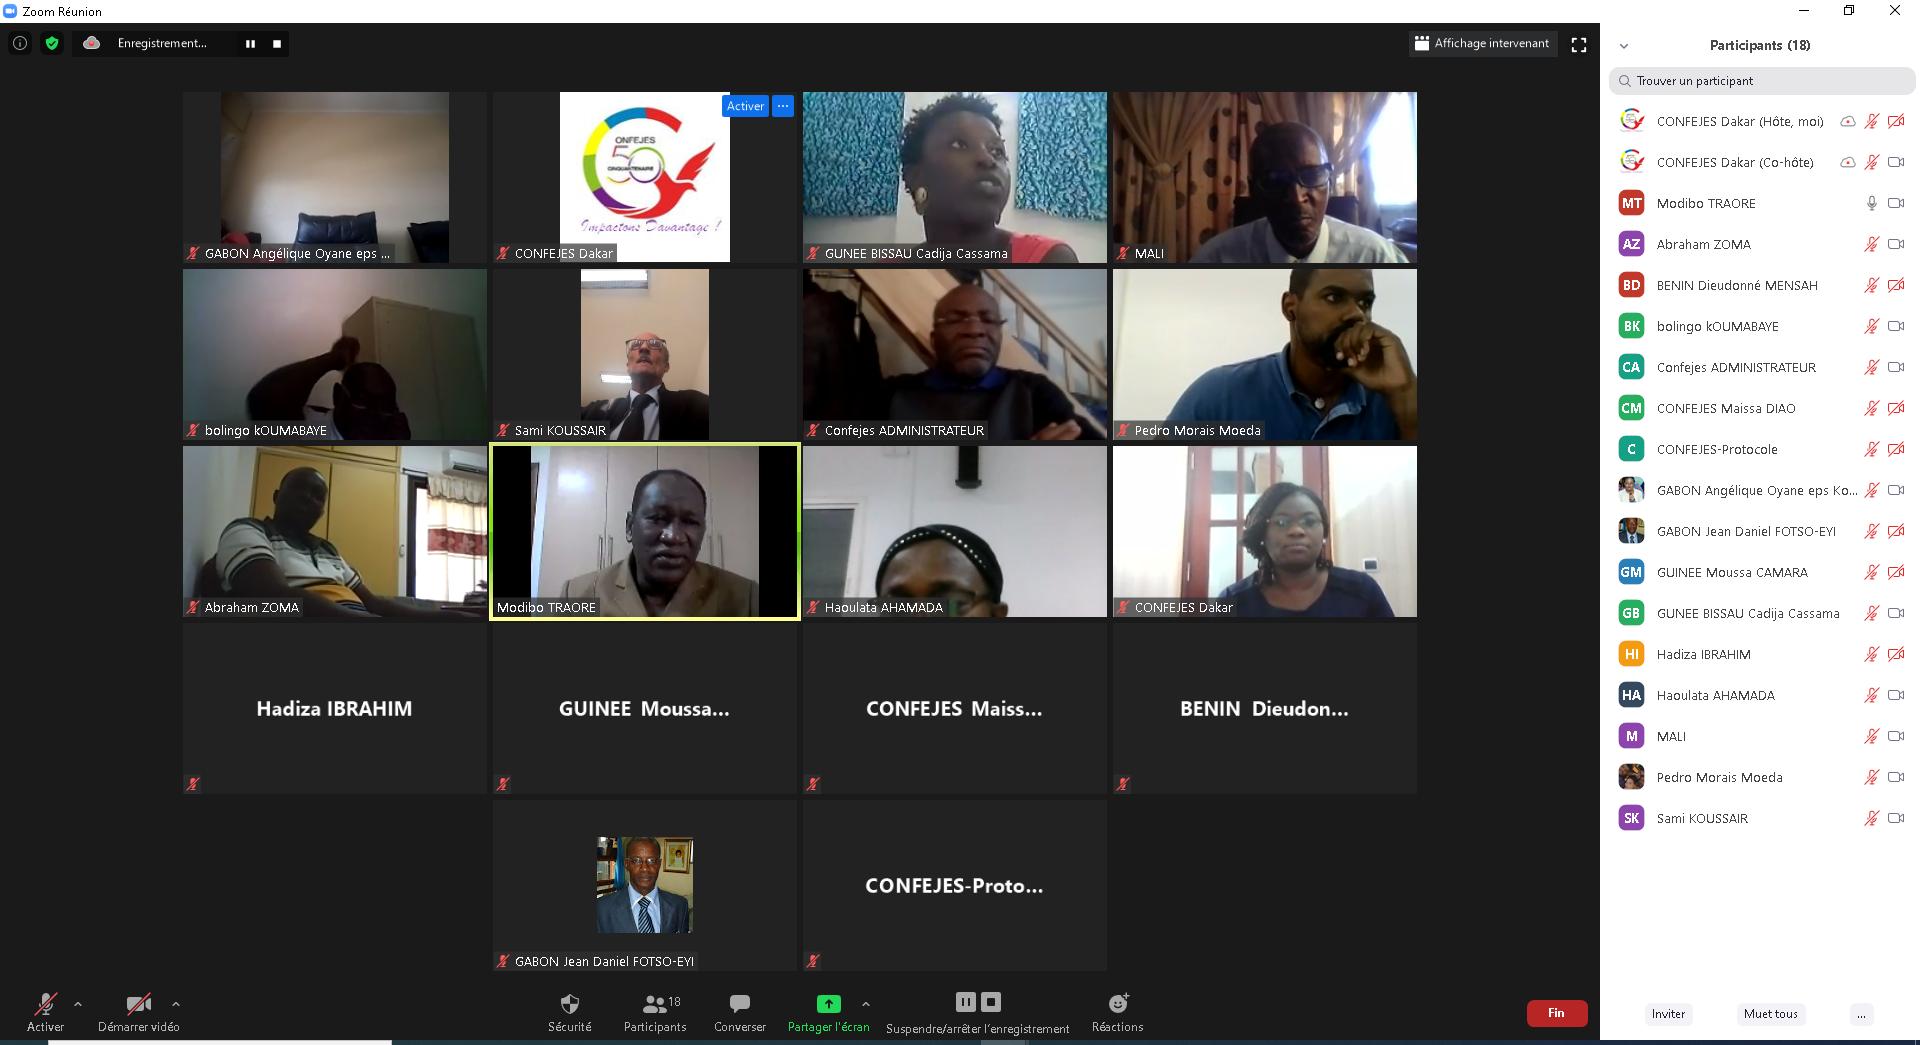 La CONFEJES organise en virtuel un atelier de renforcement des capacités des coordonnateurs « Appui à l'émergence et à la préparation de l'Elite sportive aux plans national et international (APEJ) ».